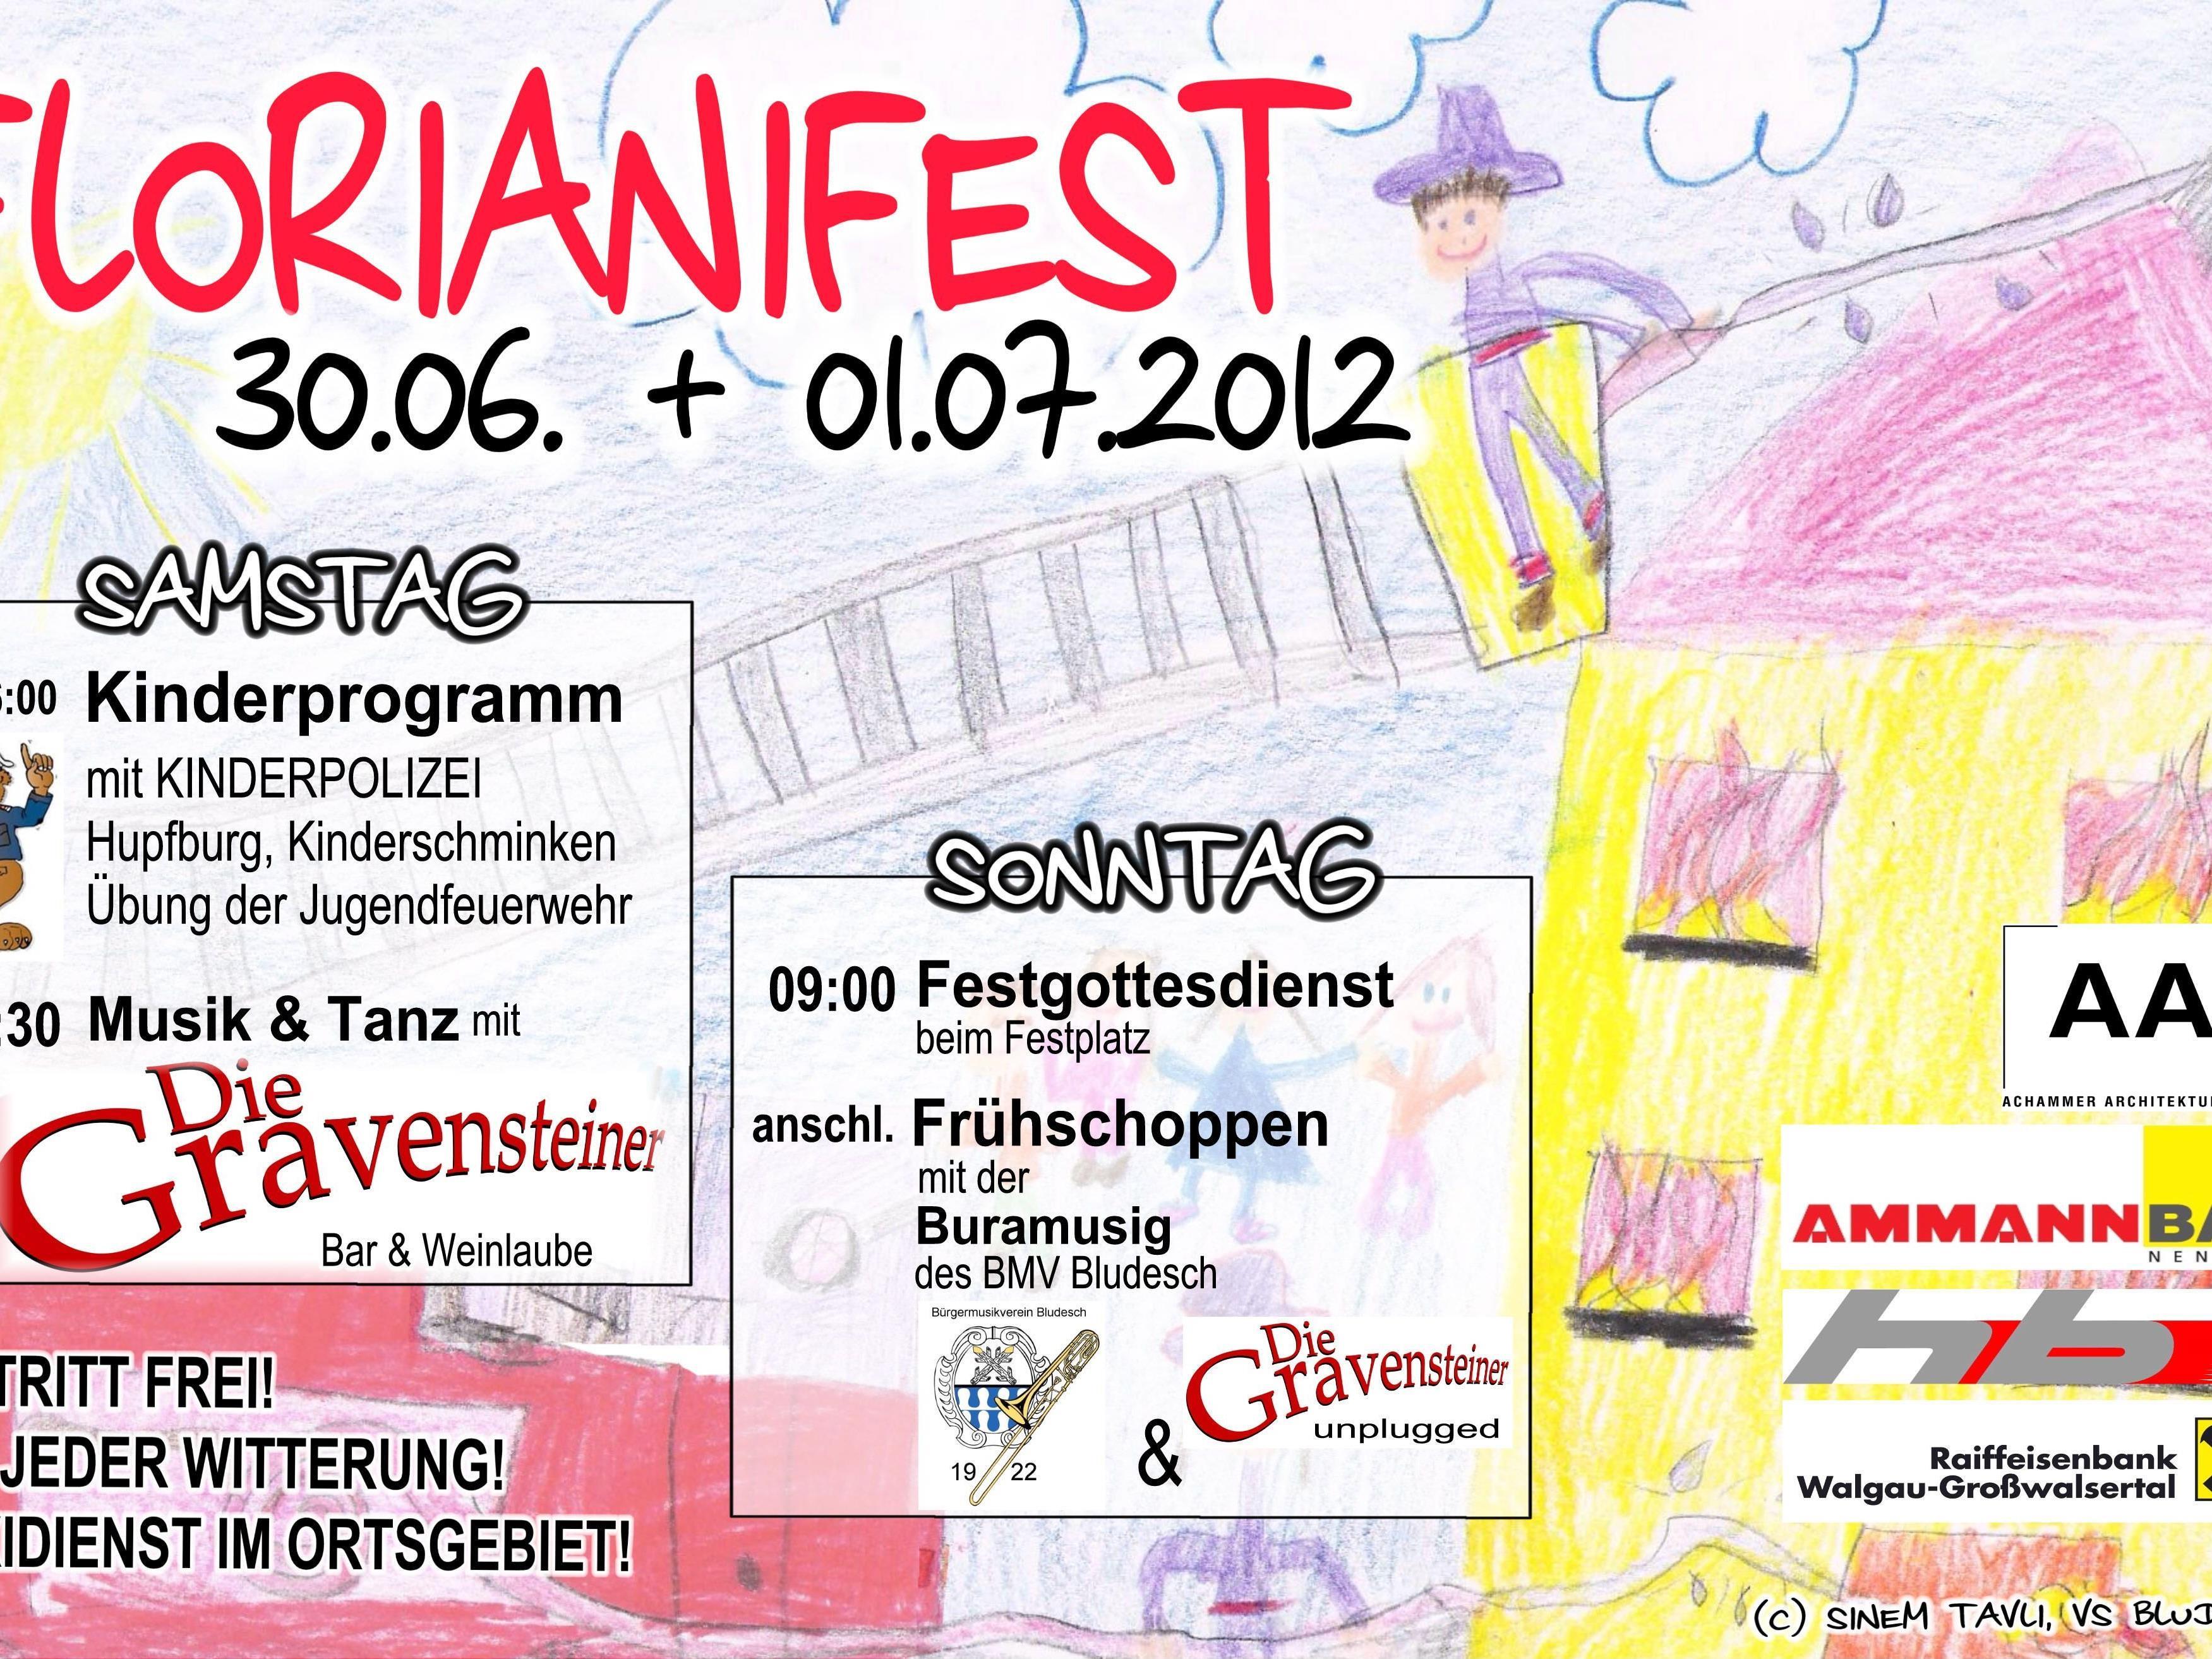 www.feuerwehr-bludesch.com